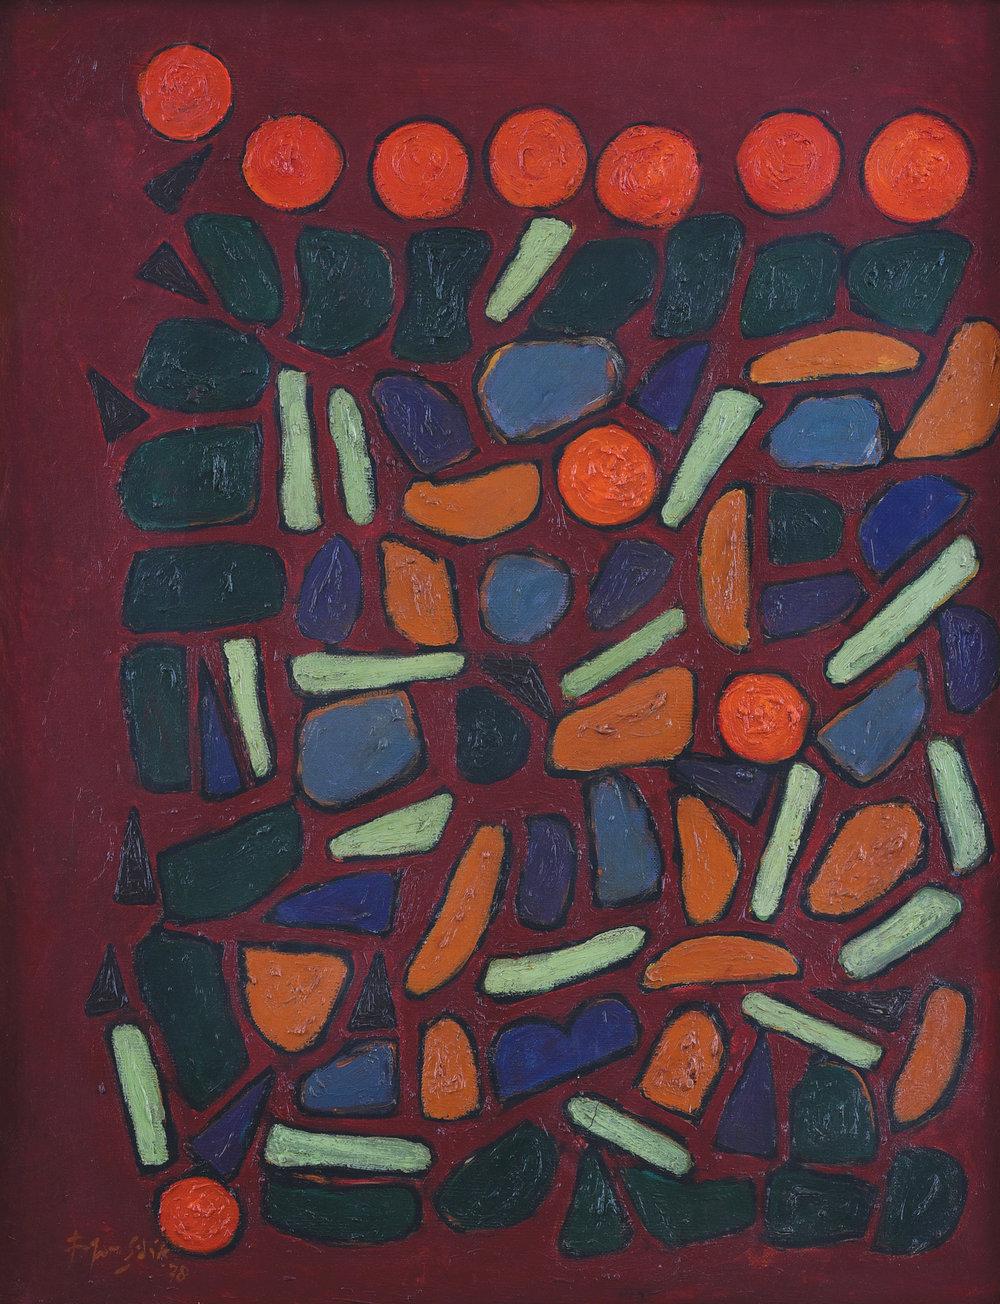 Fadjar Sidik, Bentuk Bertumpuk dalam Merah (Stacked Forms in Red), 75x60cm, ooc, 1978.jpg